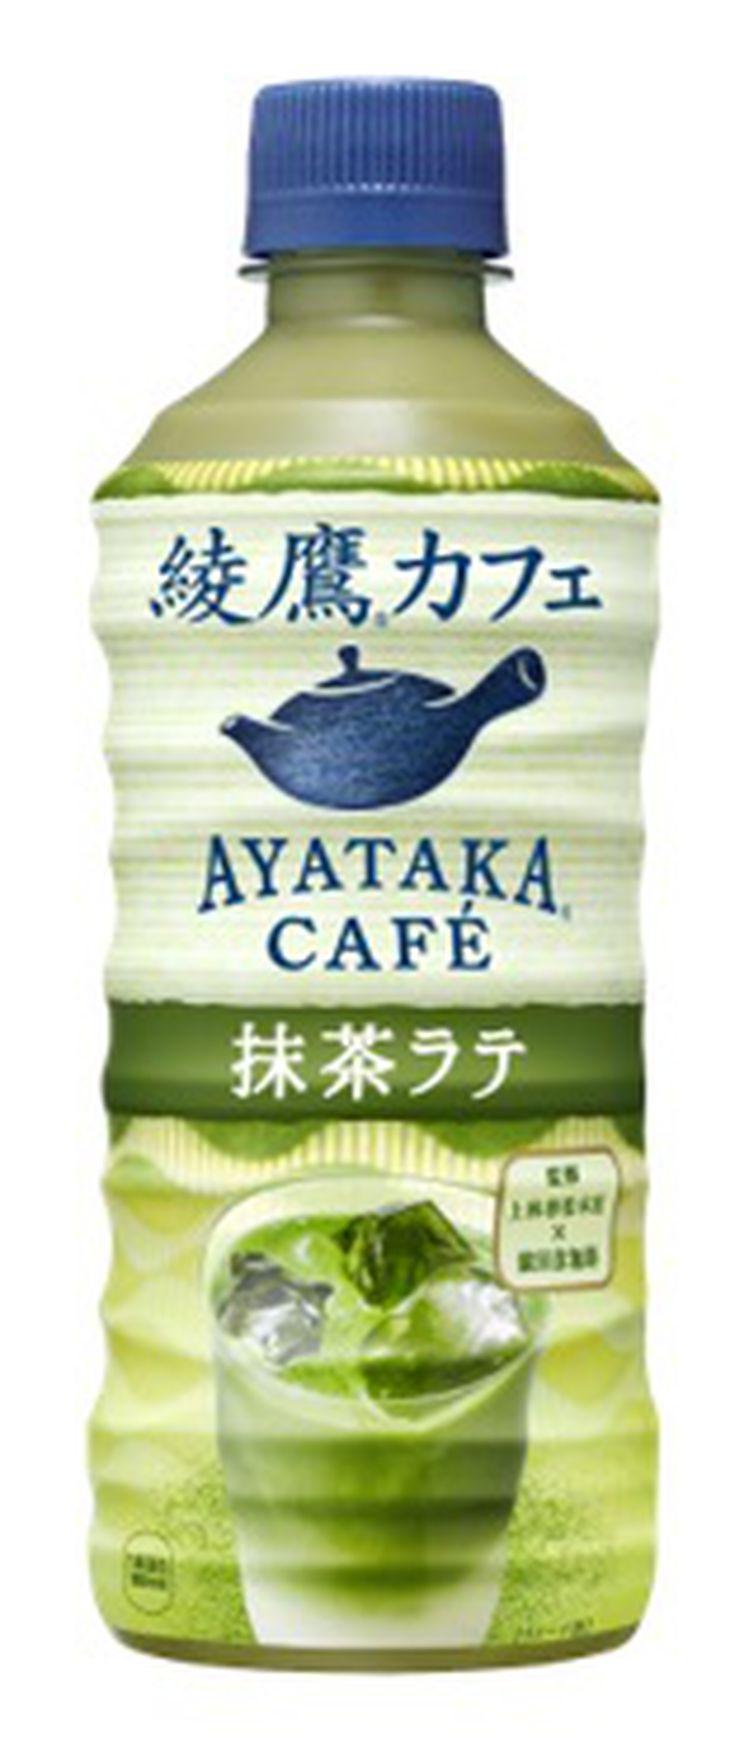 販売再開となる「綾鷹カフェ 抹茶ラテ」